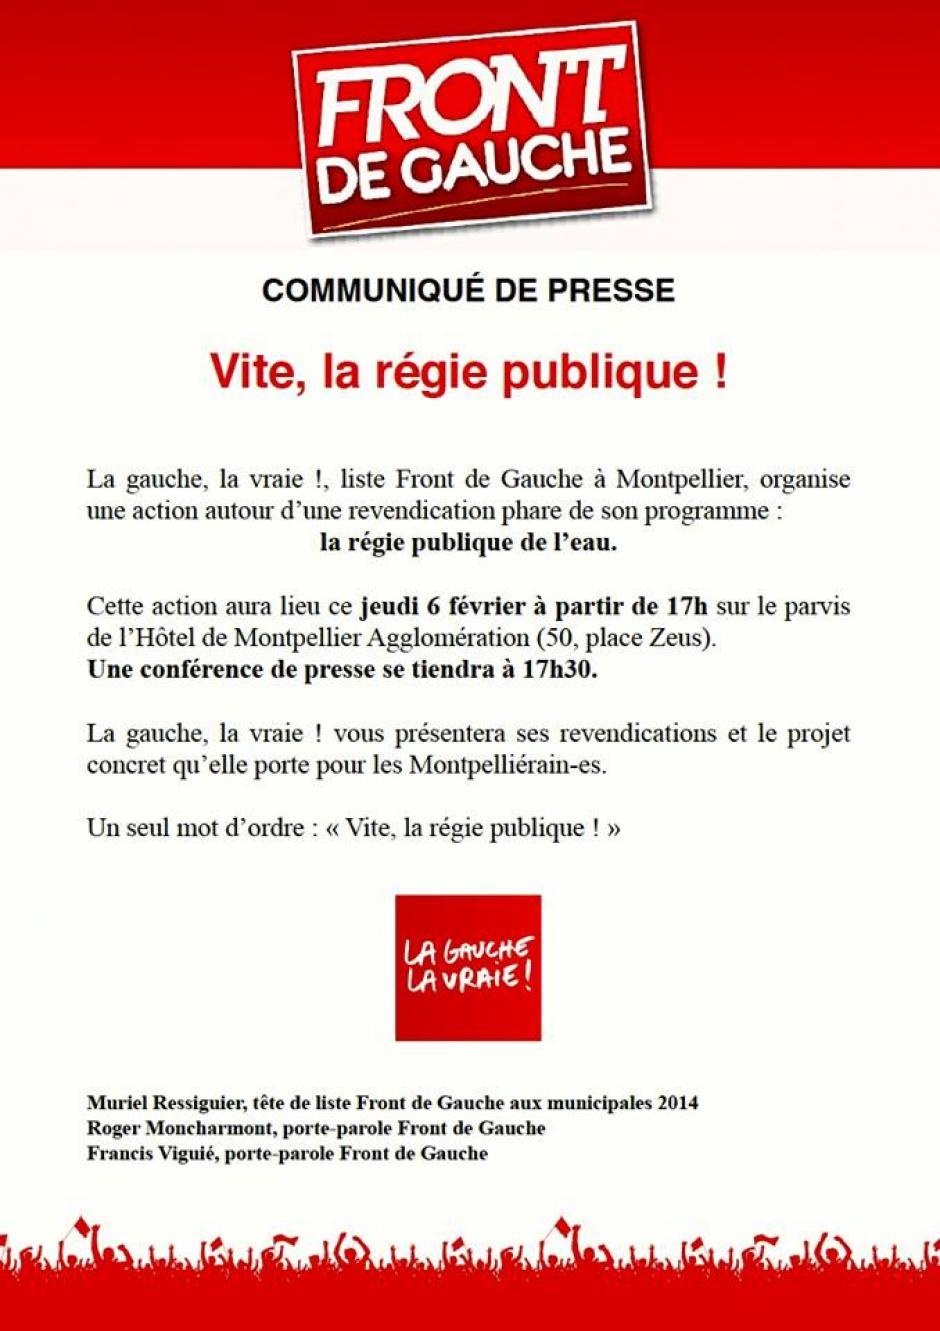 Communiqué de presse : VITE LA REGIE PUBLIQUE !